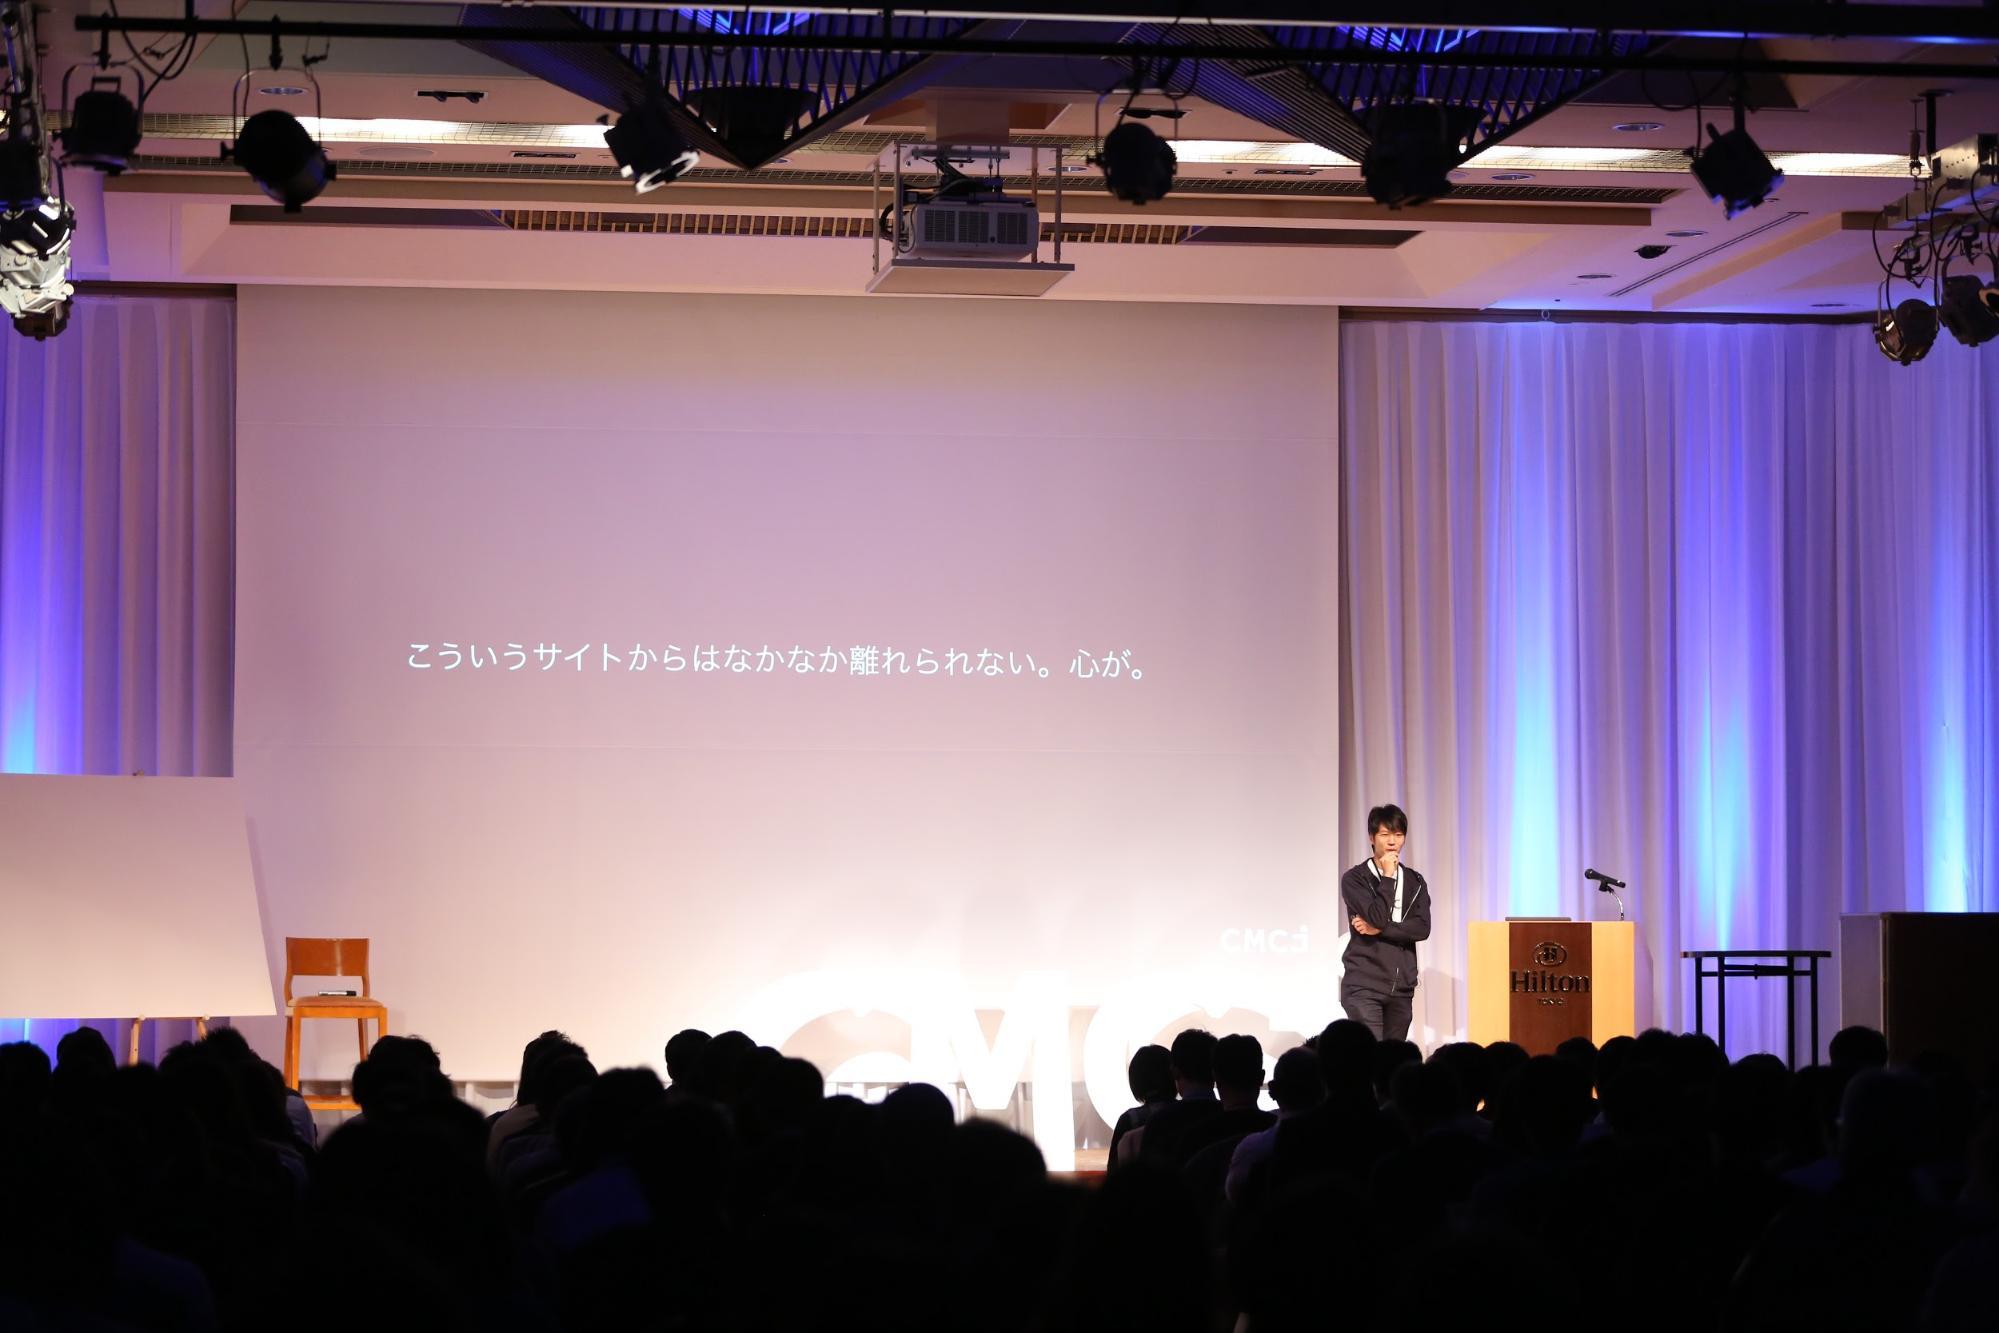 cmcj2018石井講演